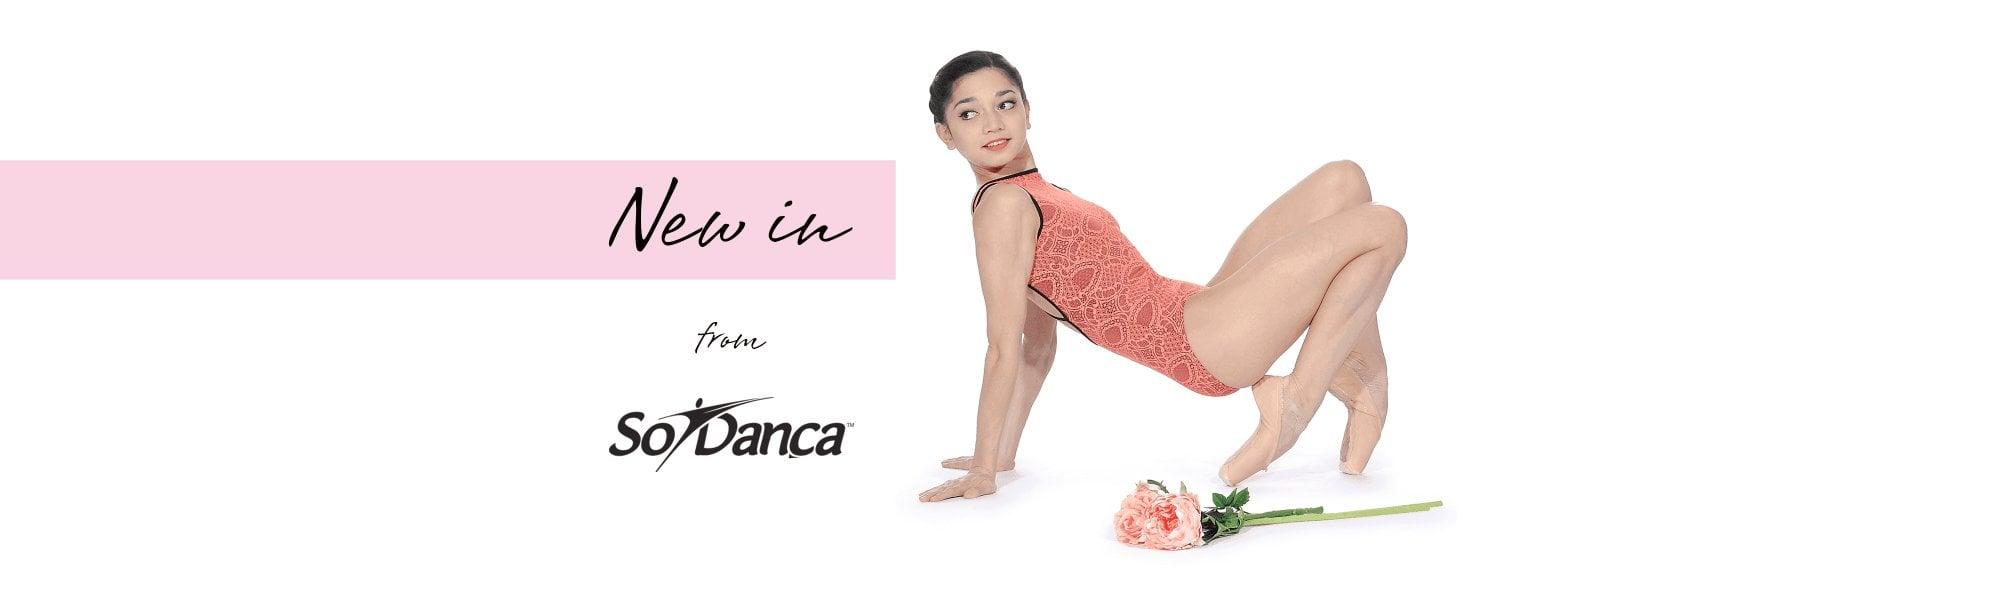 New In from So Danca